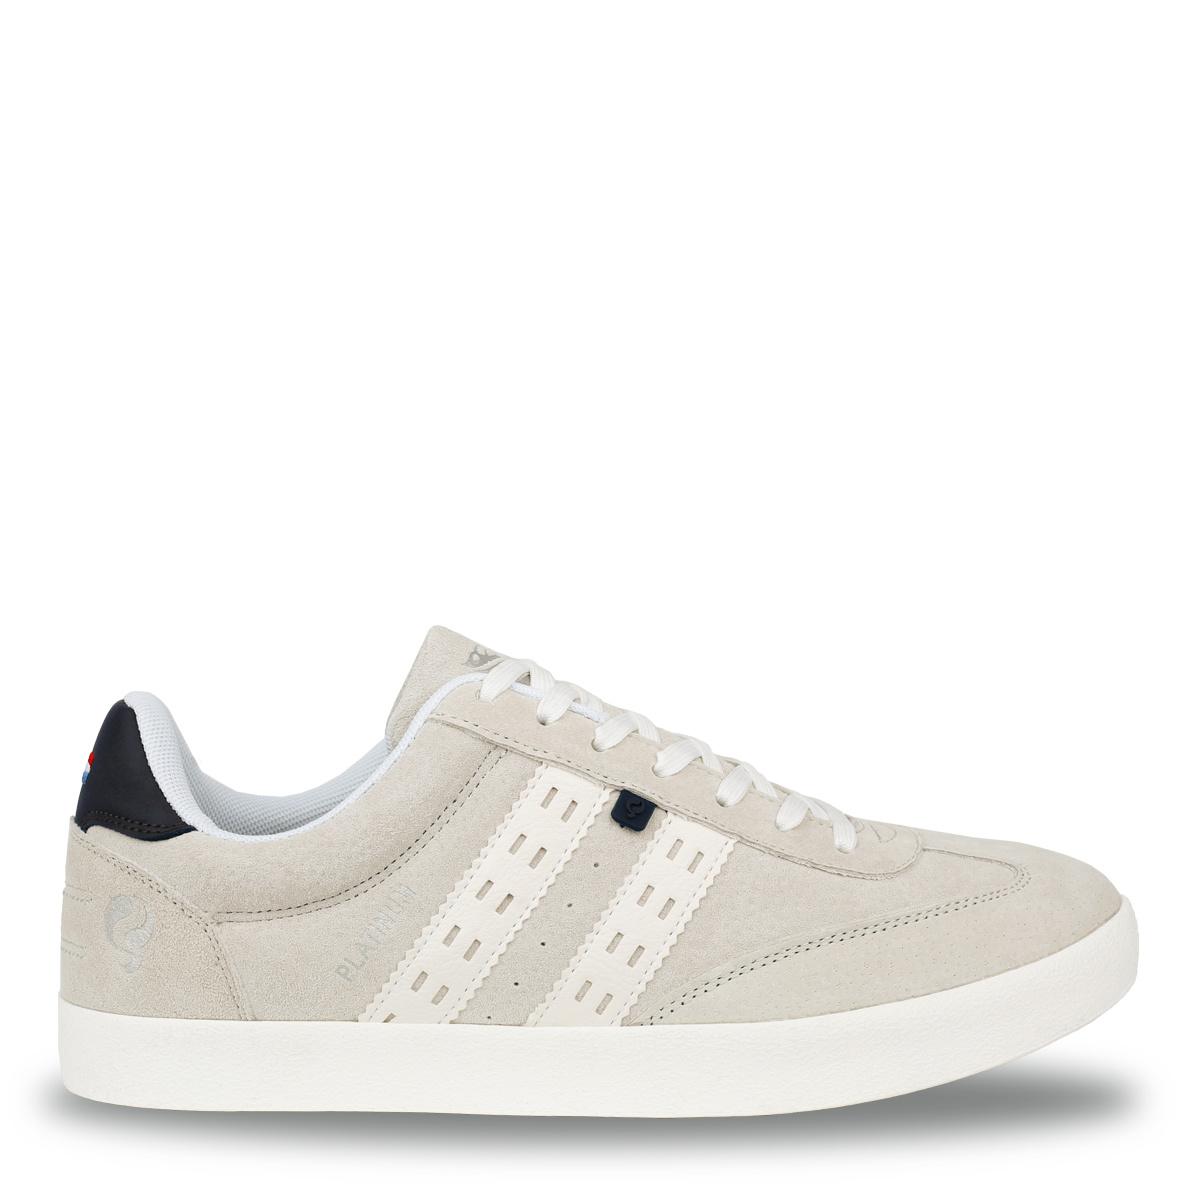 Heren Sneaker Platinum - Witgrijs/Donkerblauw